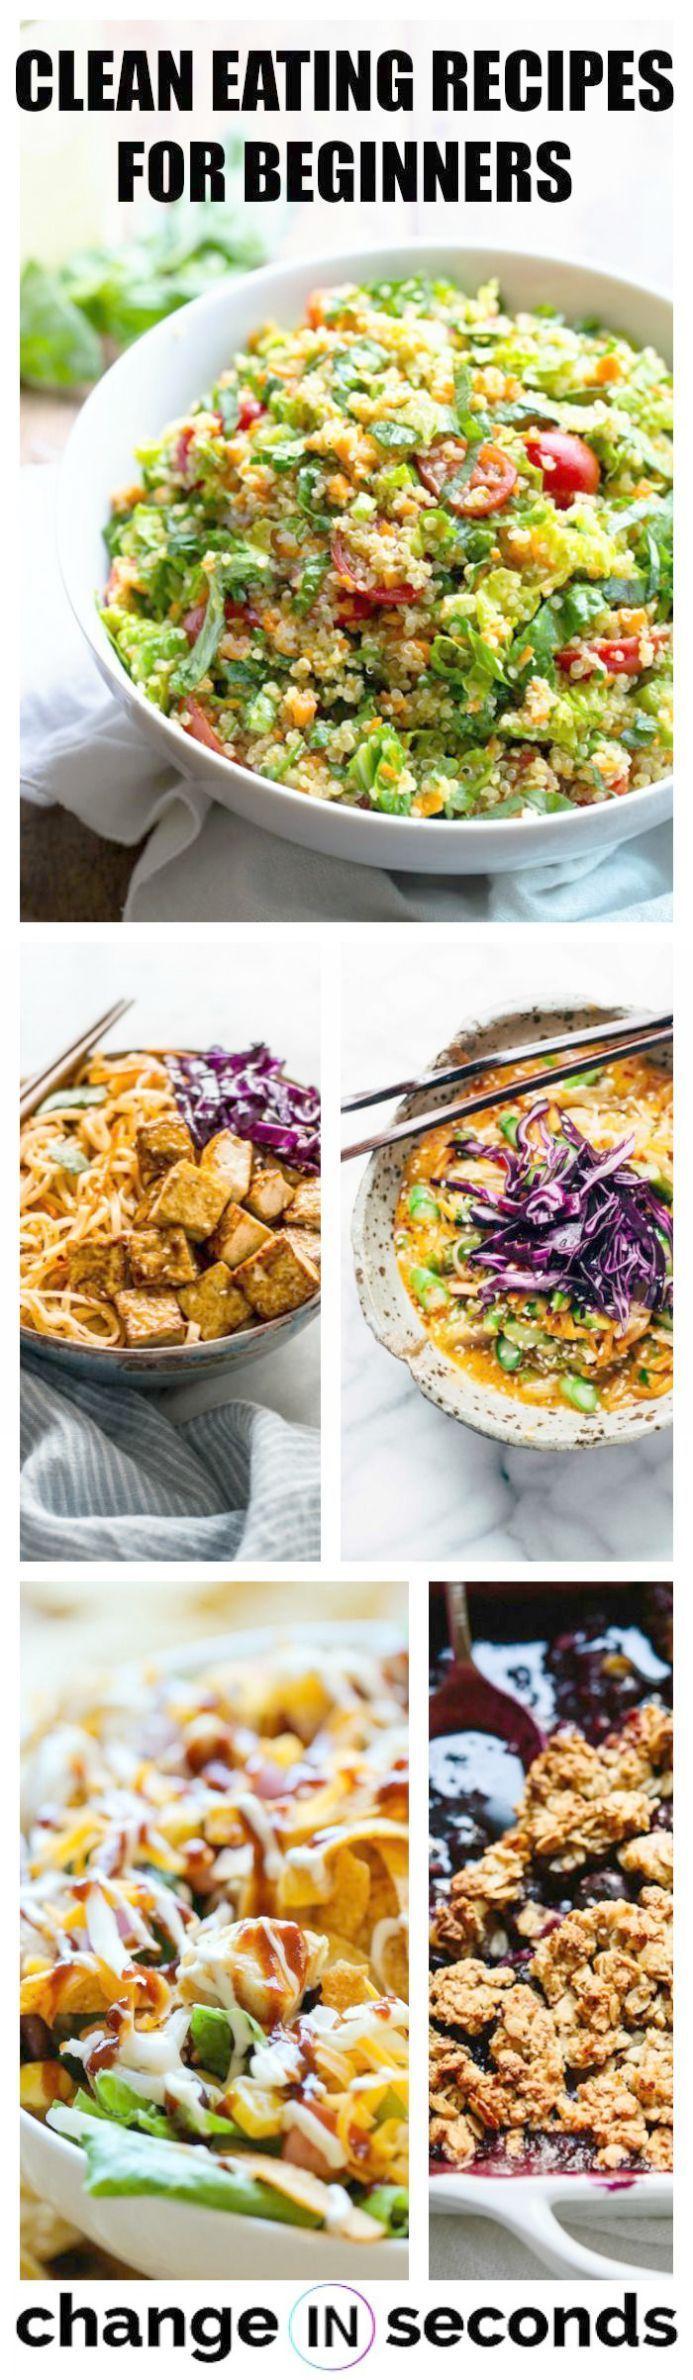 Gesunder Essenskalender gegen saubere Essensrezepte die Sie durch     Clean Eating For Beginners #cleaneatingforbeginners